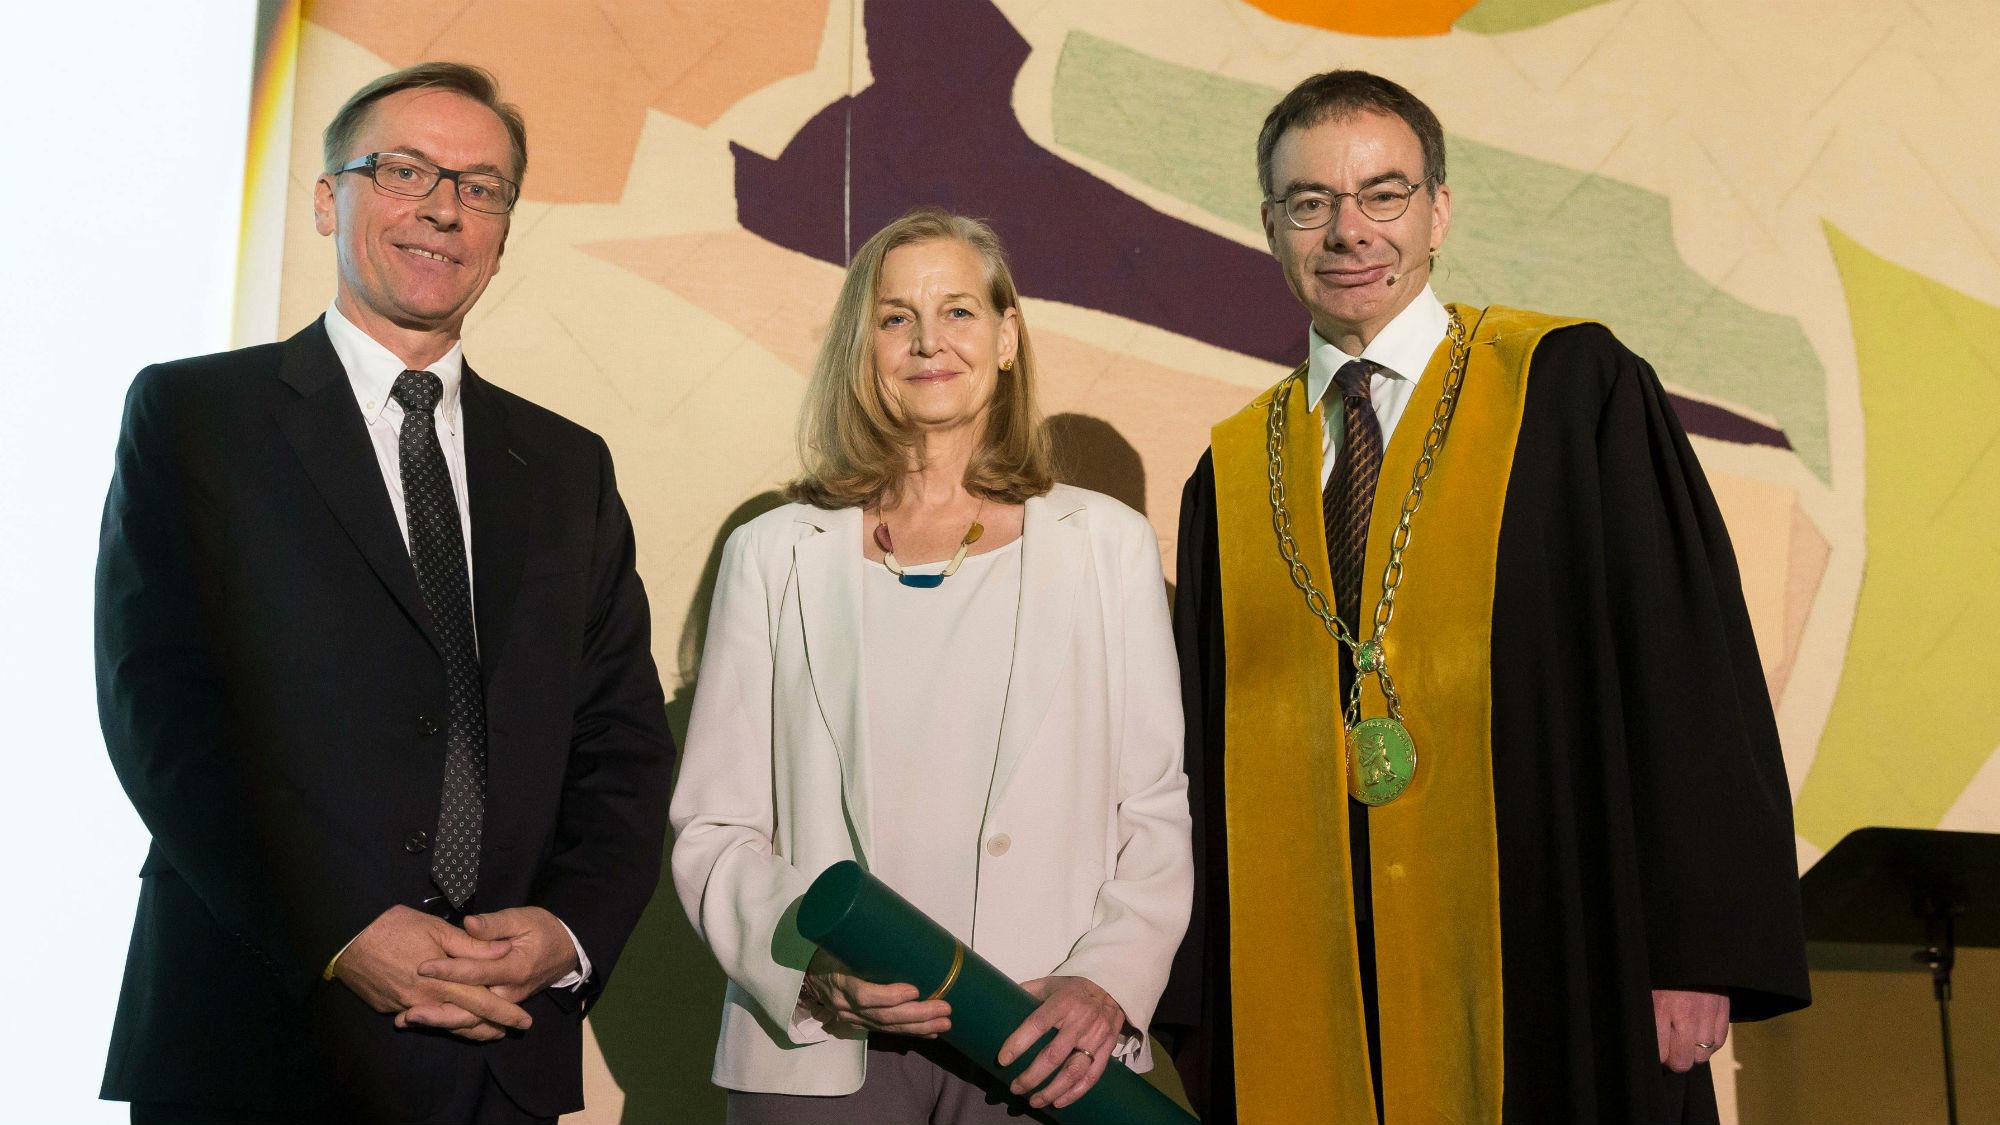 Honorary Doctor Martha S. Feldmann